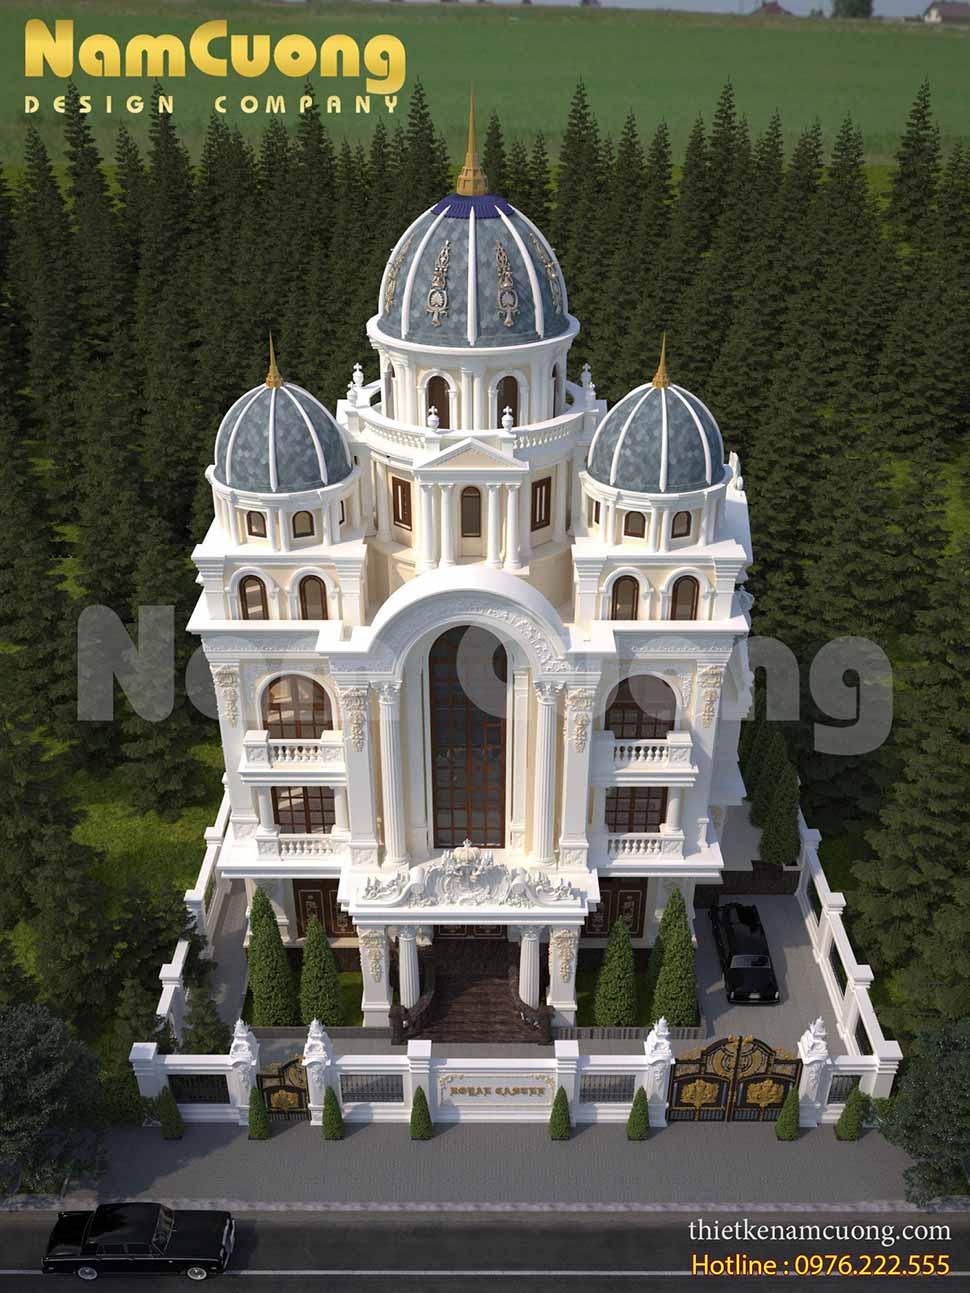 Thiết kế biệt thự lâu đài Pháp với phần mái hình vòm rất đặc sắc và mang đậm phong cách Pháp